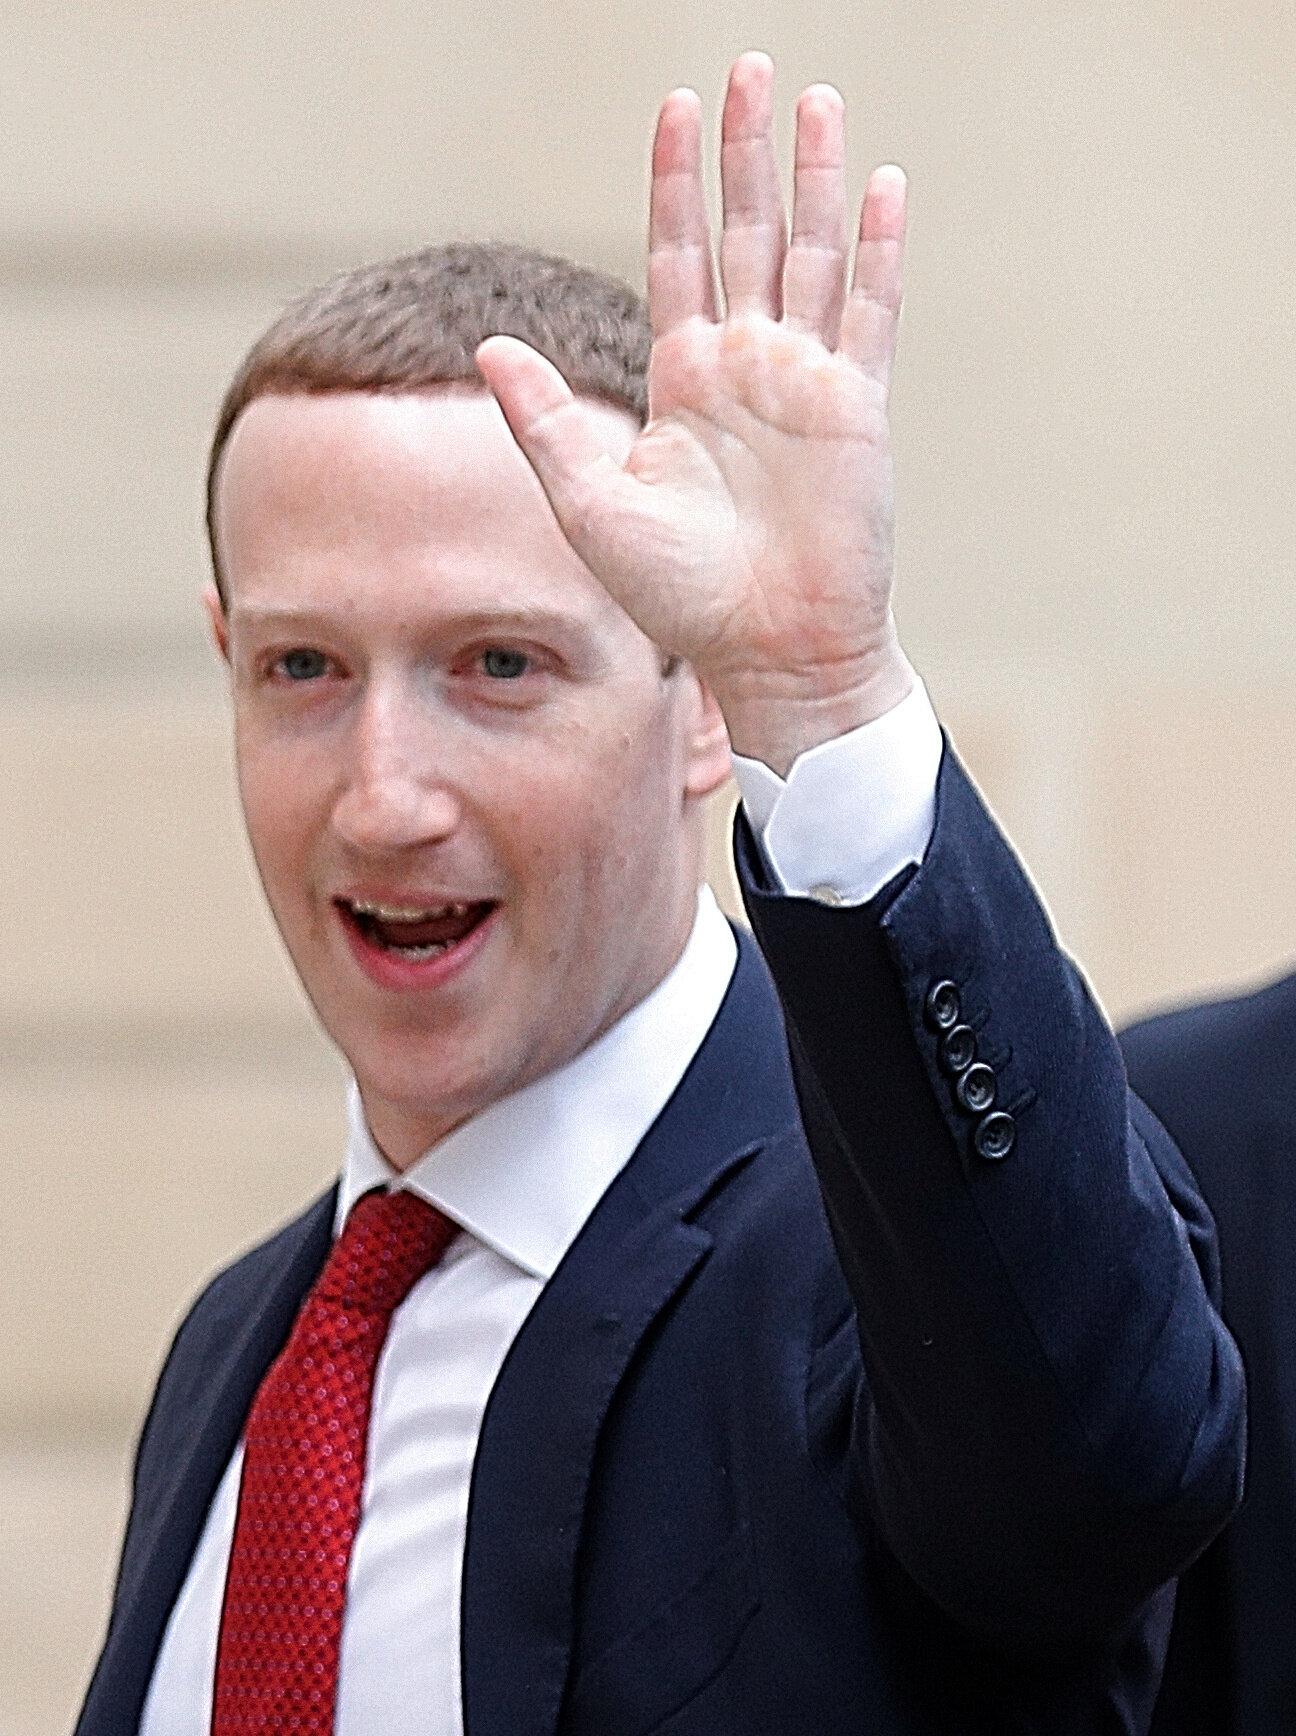 페이스북 전 보안 임원이 마크 저커버그가 '권력이 너무 많다'고